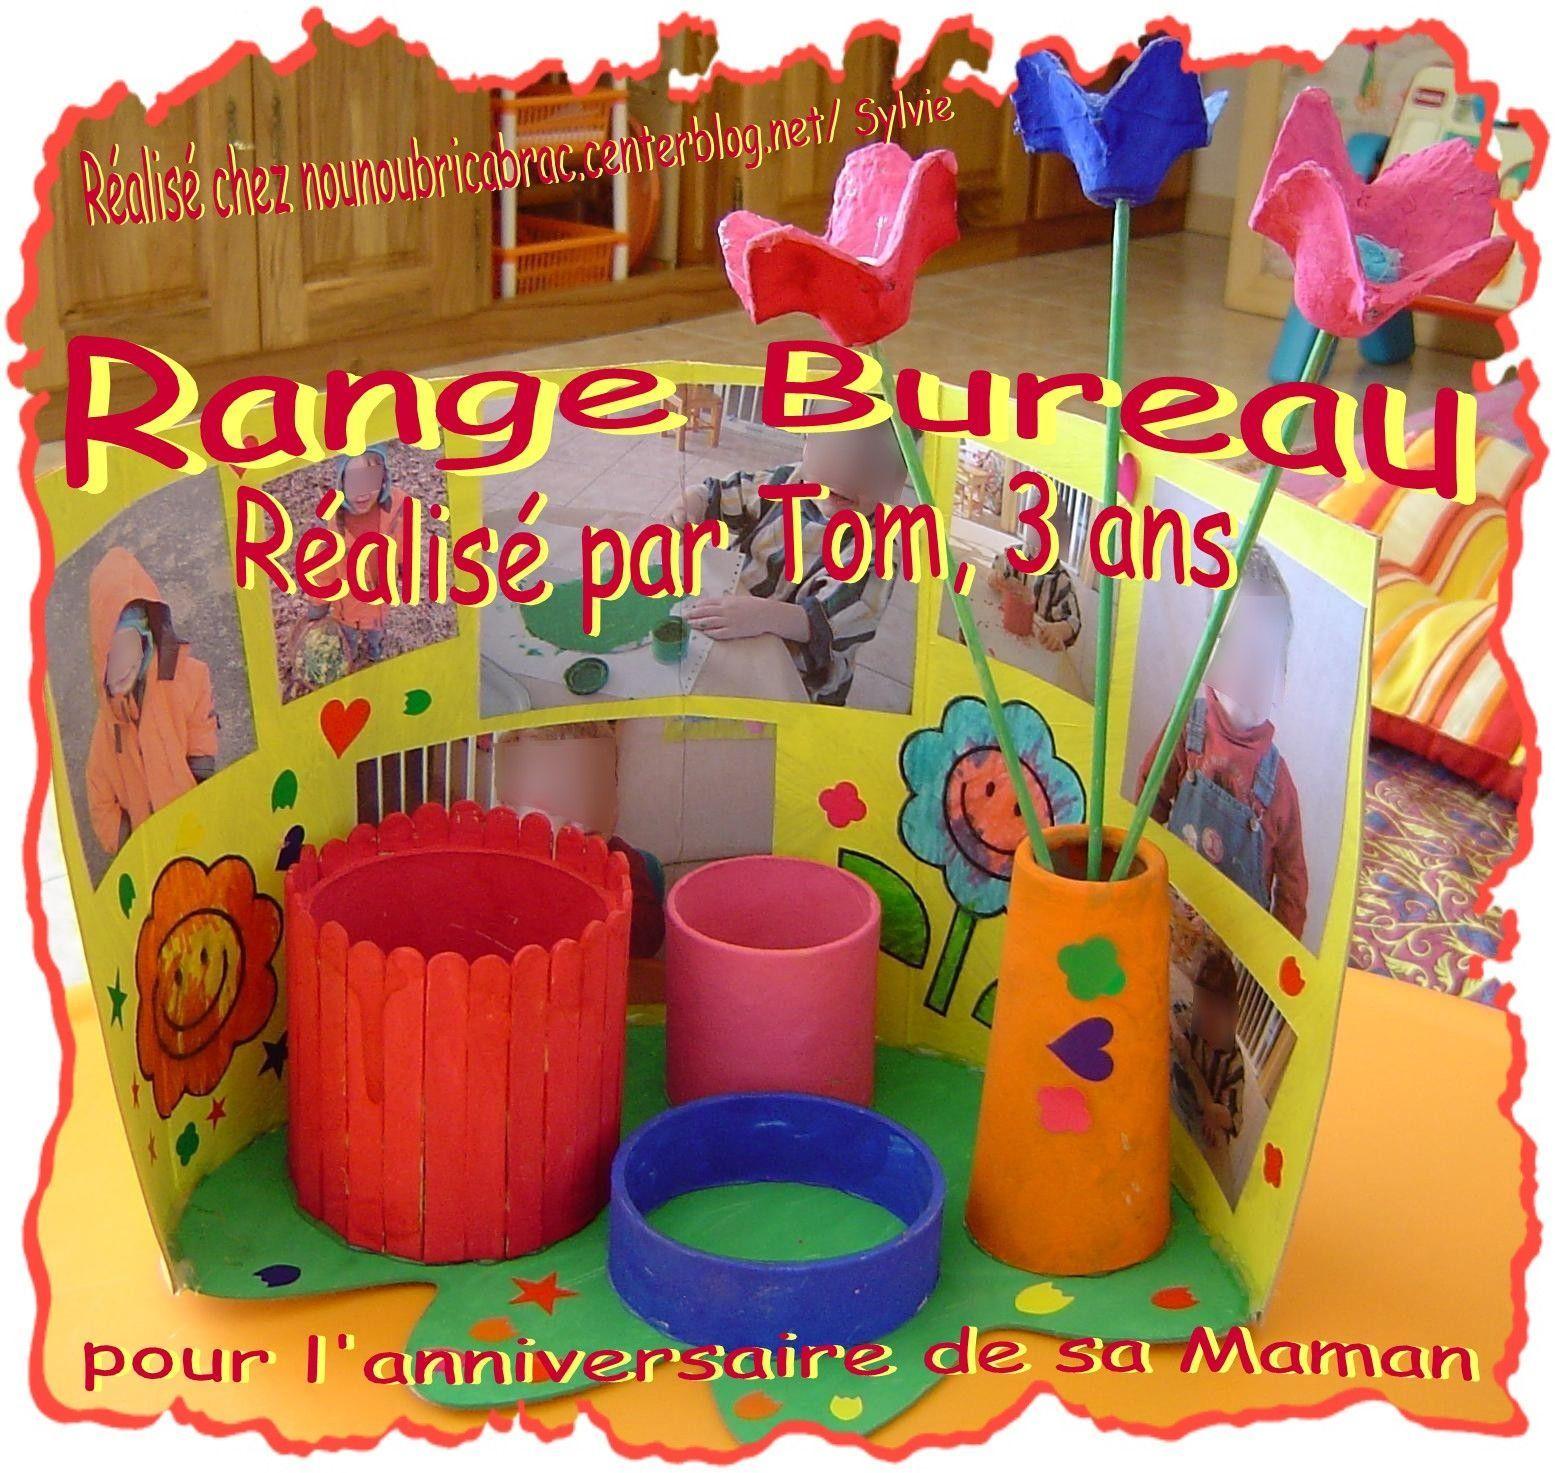 Range Bureau... une idée cadeau réalisée par Tom, 3 ans...